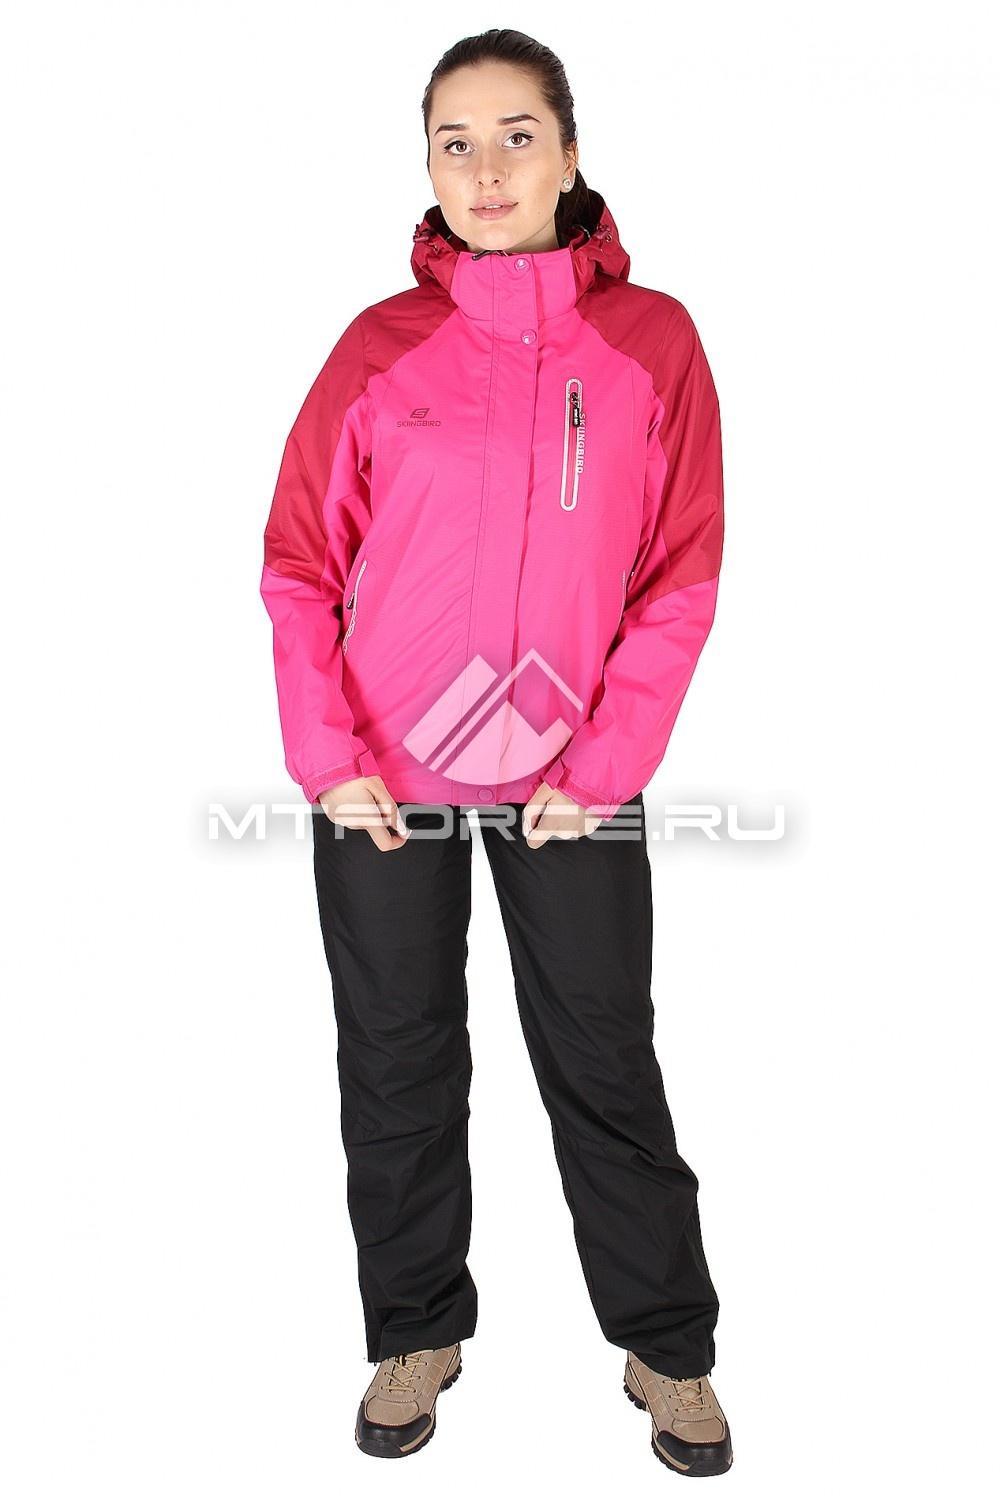 Купить оптом Костюм женский розового цвета 01610R